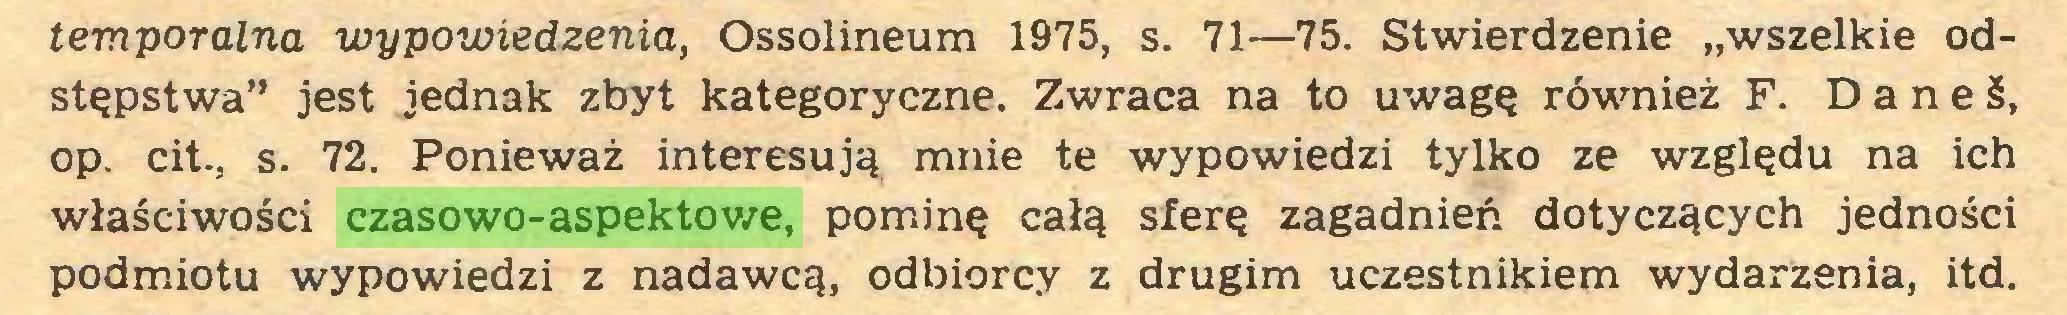 """(...) temporalna wypowiedzenia, Ossolineum 1975, s. 71—75. Stwierdzenie """"wszelkie odstępstwa"""" jest jednak zbyt kategoryczne. Zwraca na to uwagę również F. D a n e ś, op. cit., s. 72. Ponieważ interesują mnie te wypowiedzi tylko ze względu na ich właściwości czasowo-aspektowe, pominę całą sferę zagadnień dotyczących jedności podmiotu wypowiedzi z nadawcą, odbiorcy z drugim uczestnikiem wydarzenia, itd..."""